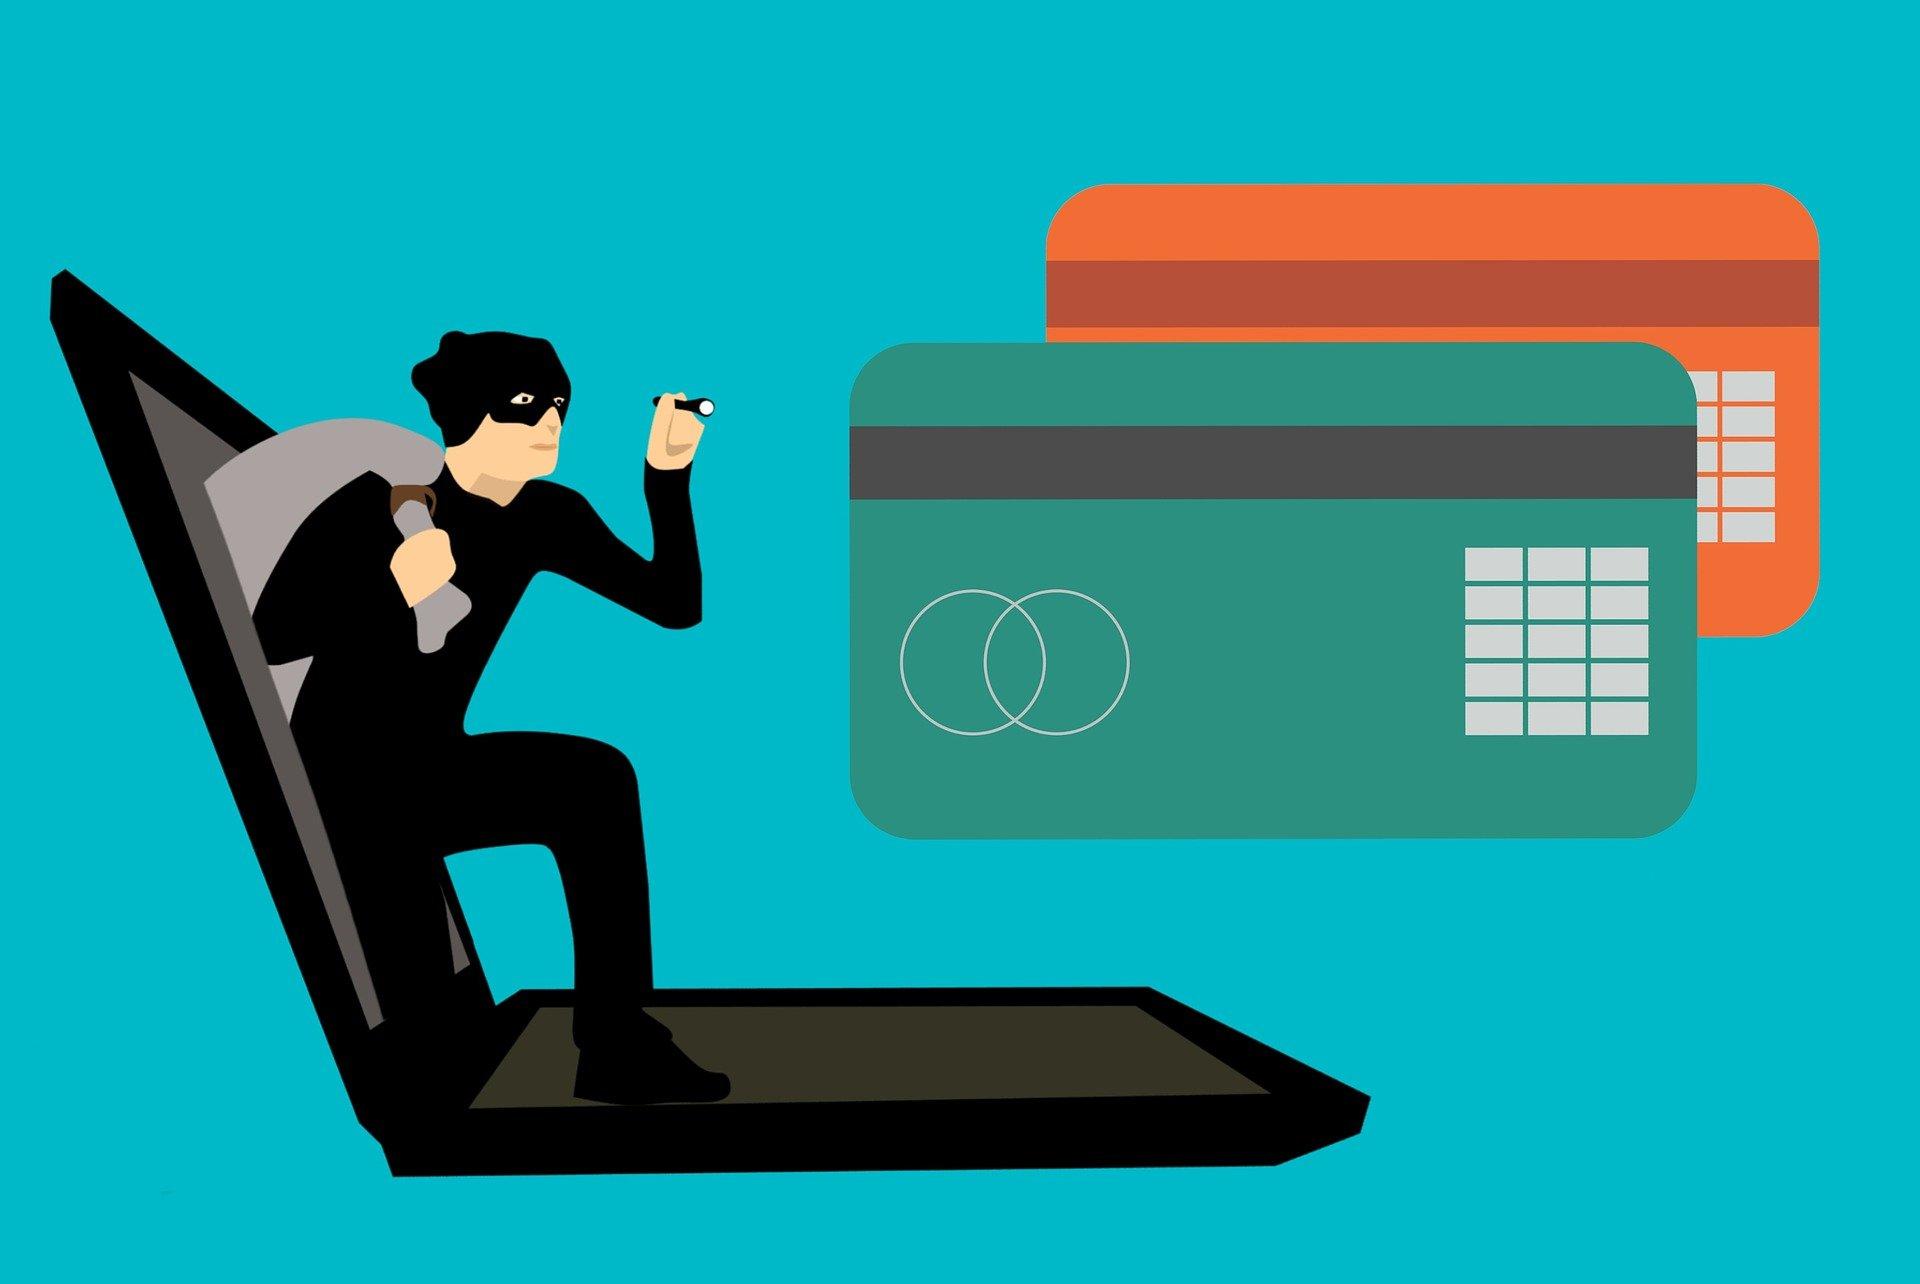 ייצוגית נגד 15 גופים פיננסיים בטענה לפגיעה בפרטיות; העבירו מידע אישי לצדדים שלישיים ללא הסכמה